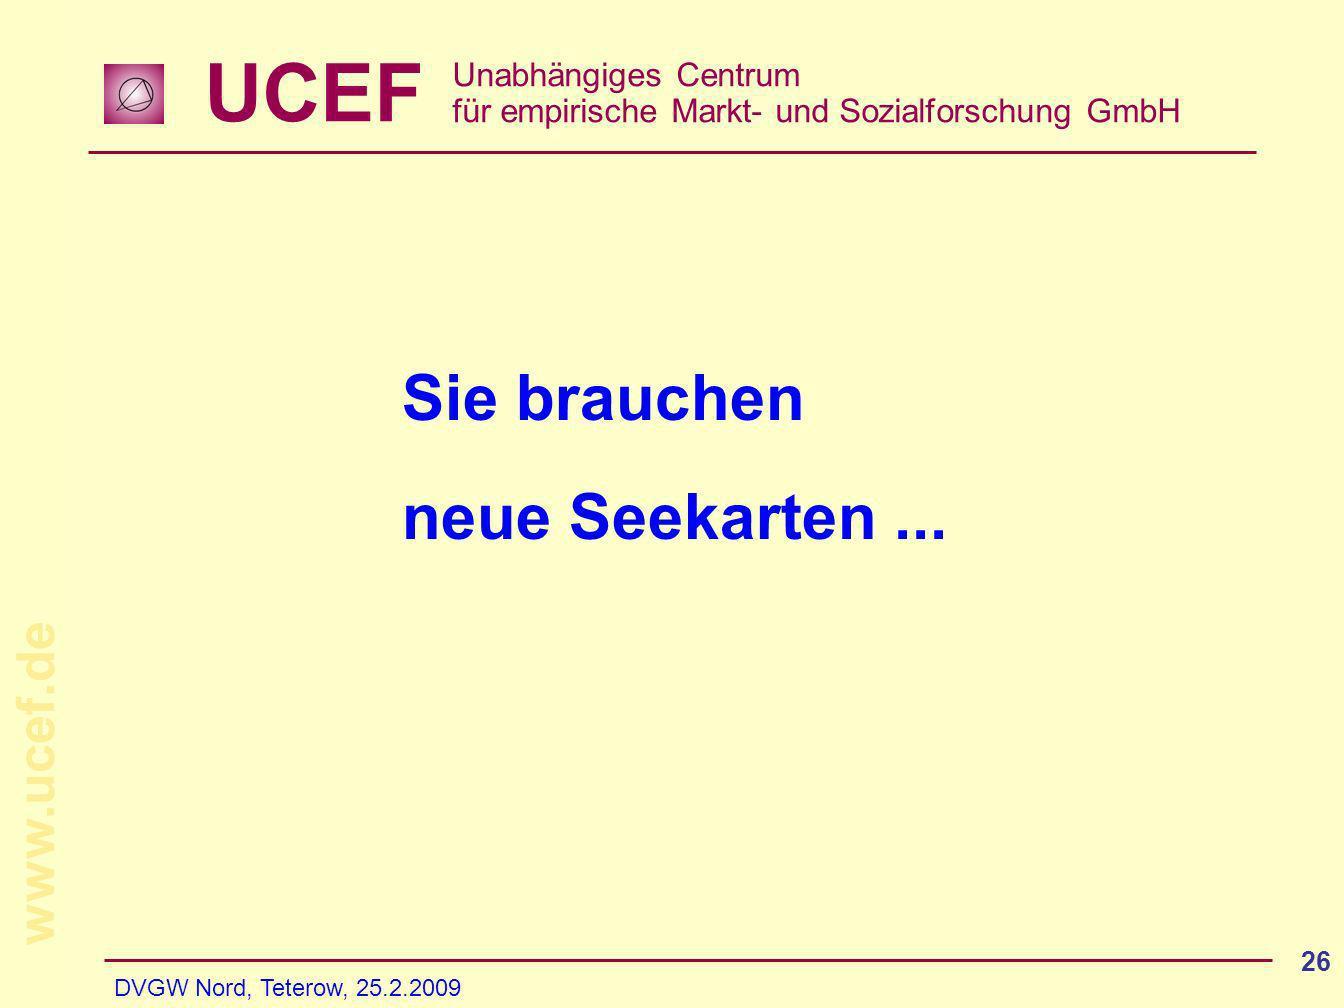 UCEF Unabhängiges Centrum für empirische Markt- und Sozialforschung GmbH www.ucef.de DVGW Nord, Teterow, 25.2.2009 26 Sie brauchen neue Seekarten...